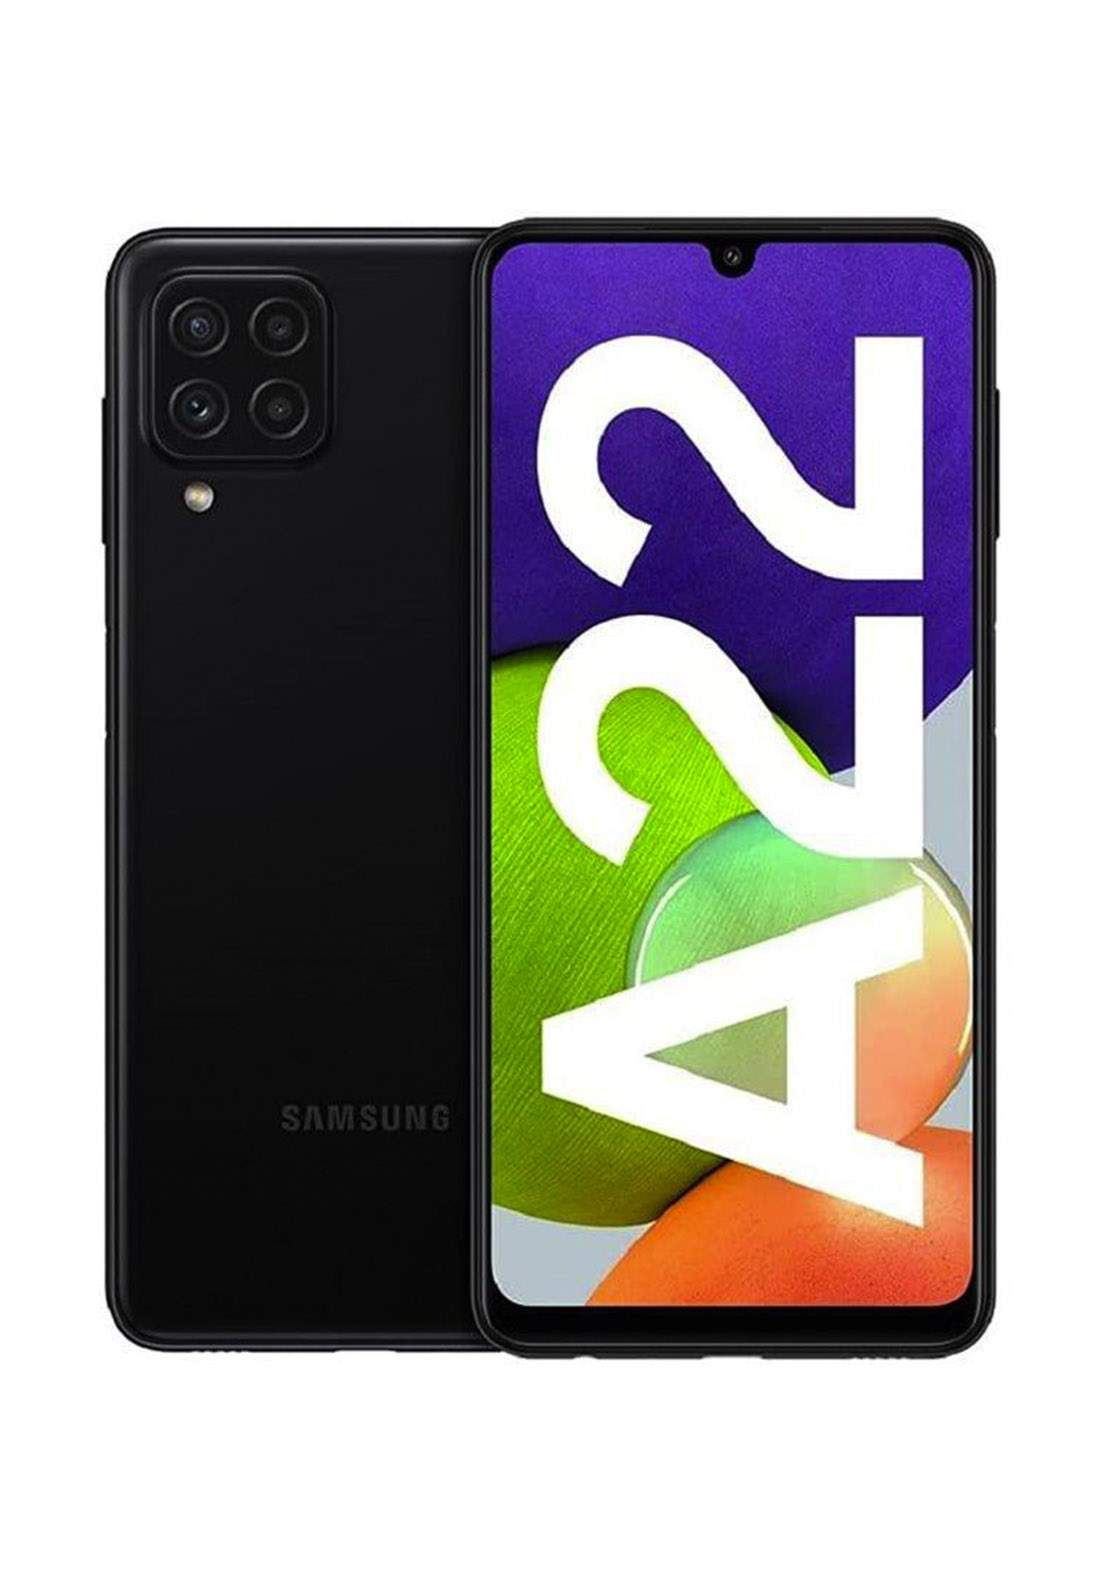 Samsung Galaxy A22 Dual SIM 4GB RAM 128GB - Black